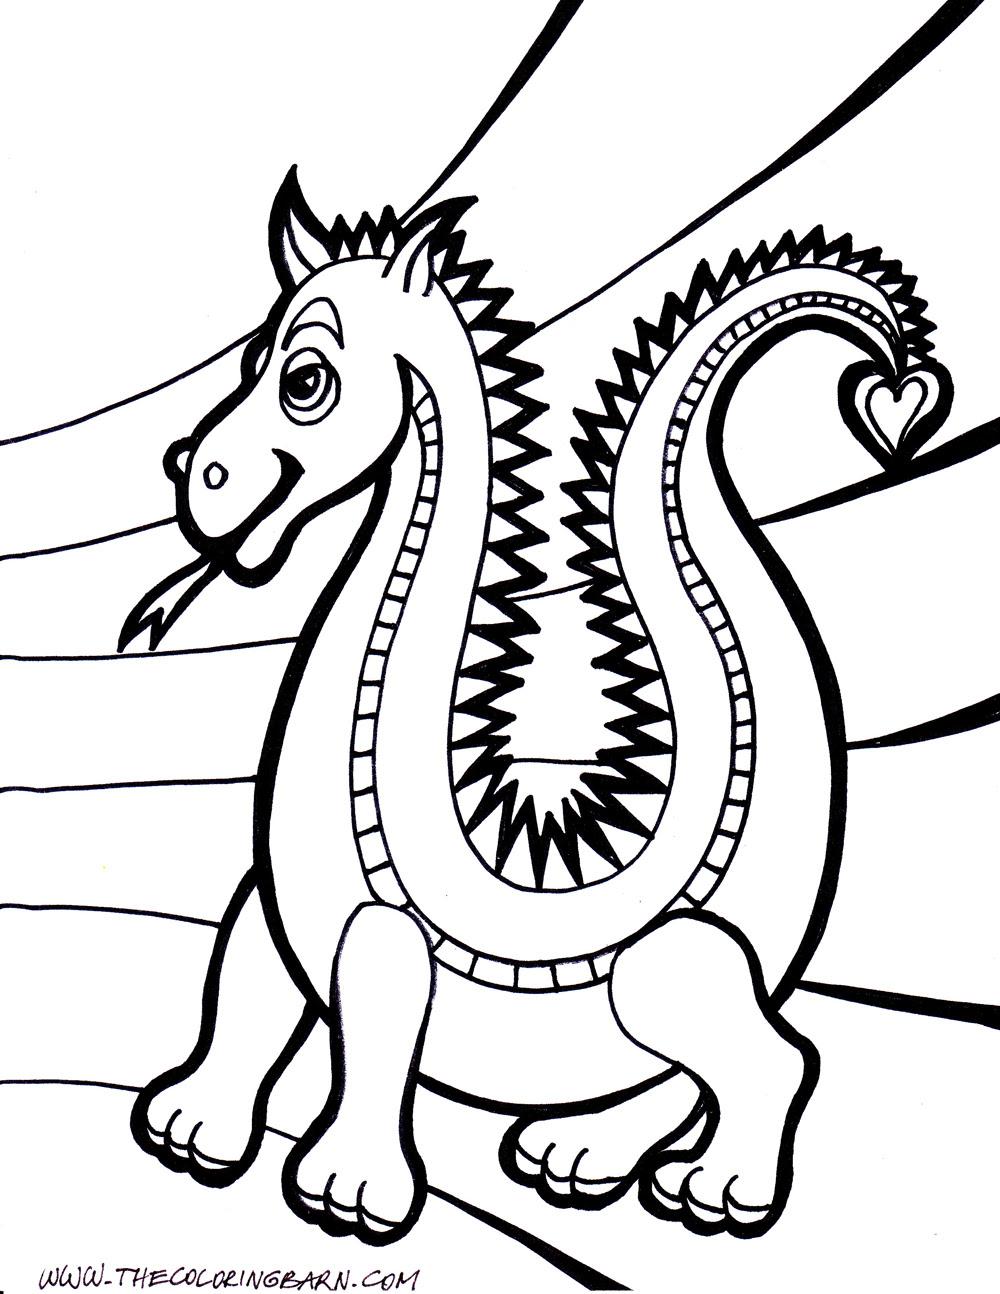 157 Dibujos De Dragones Para Colorear Oh Kids Page 9